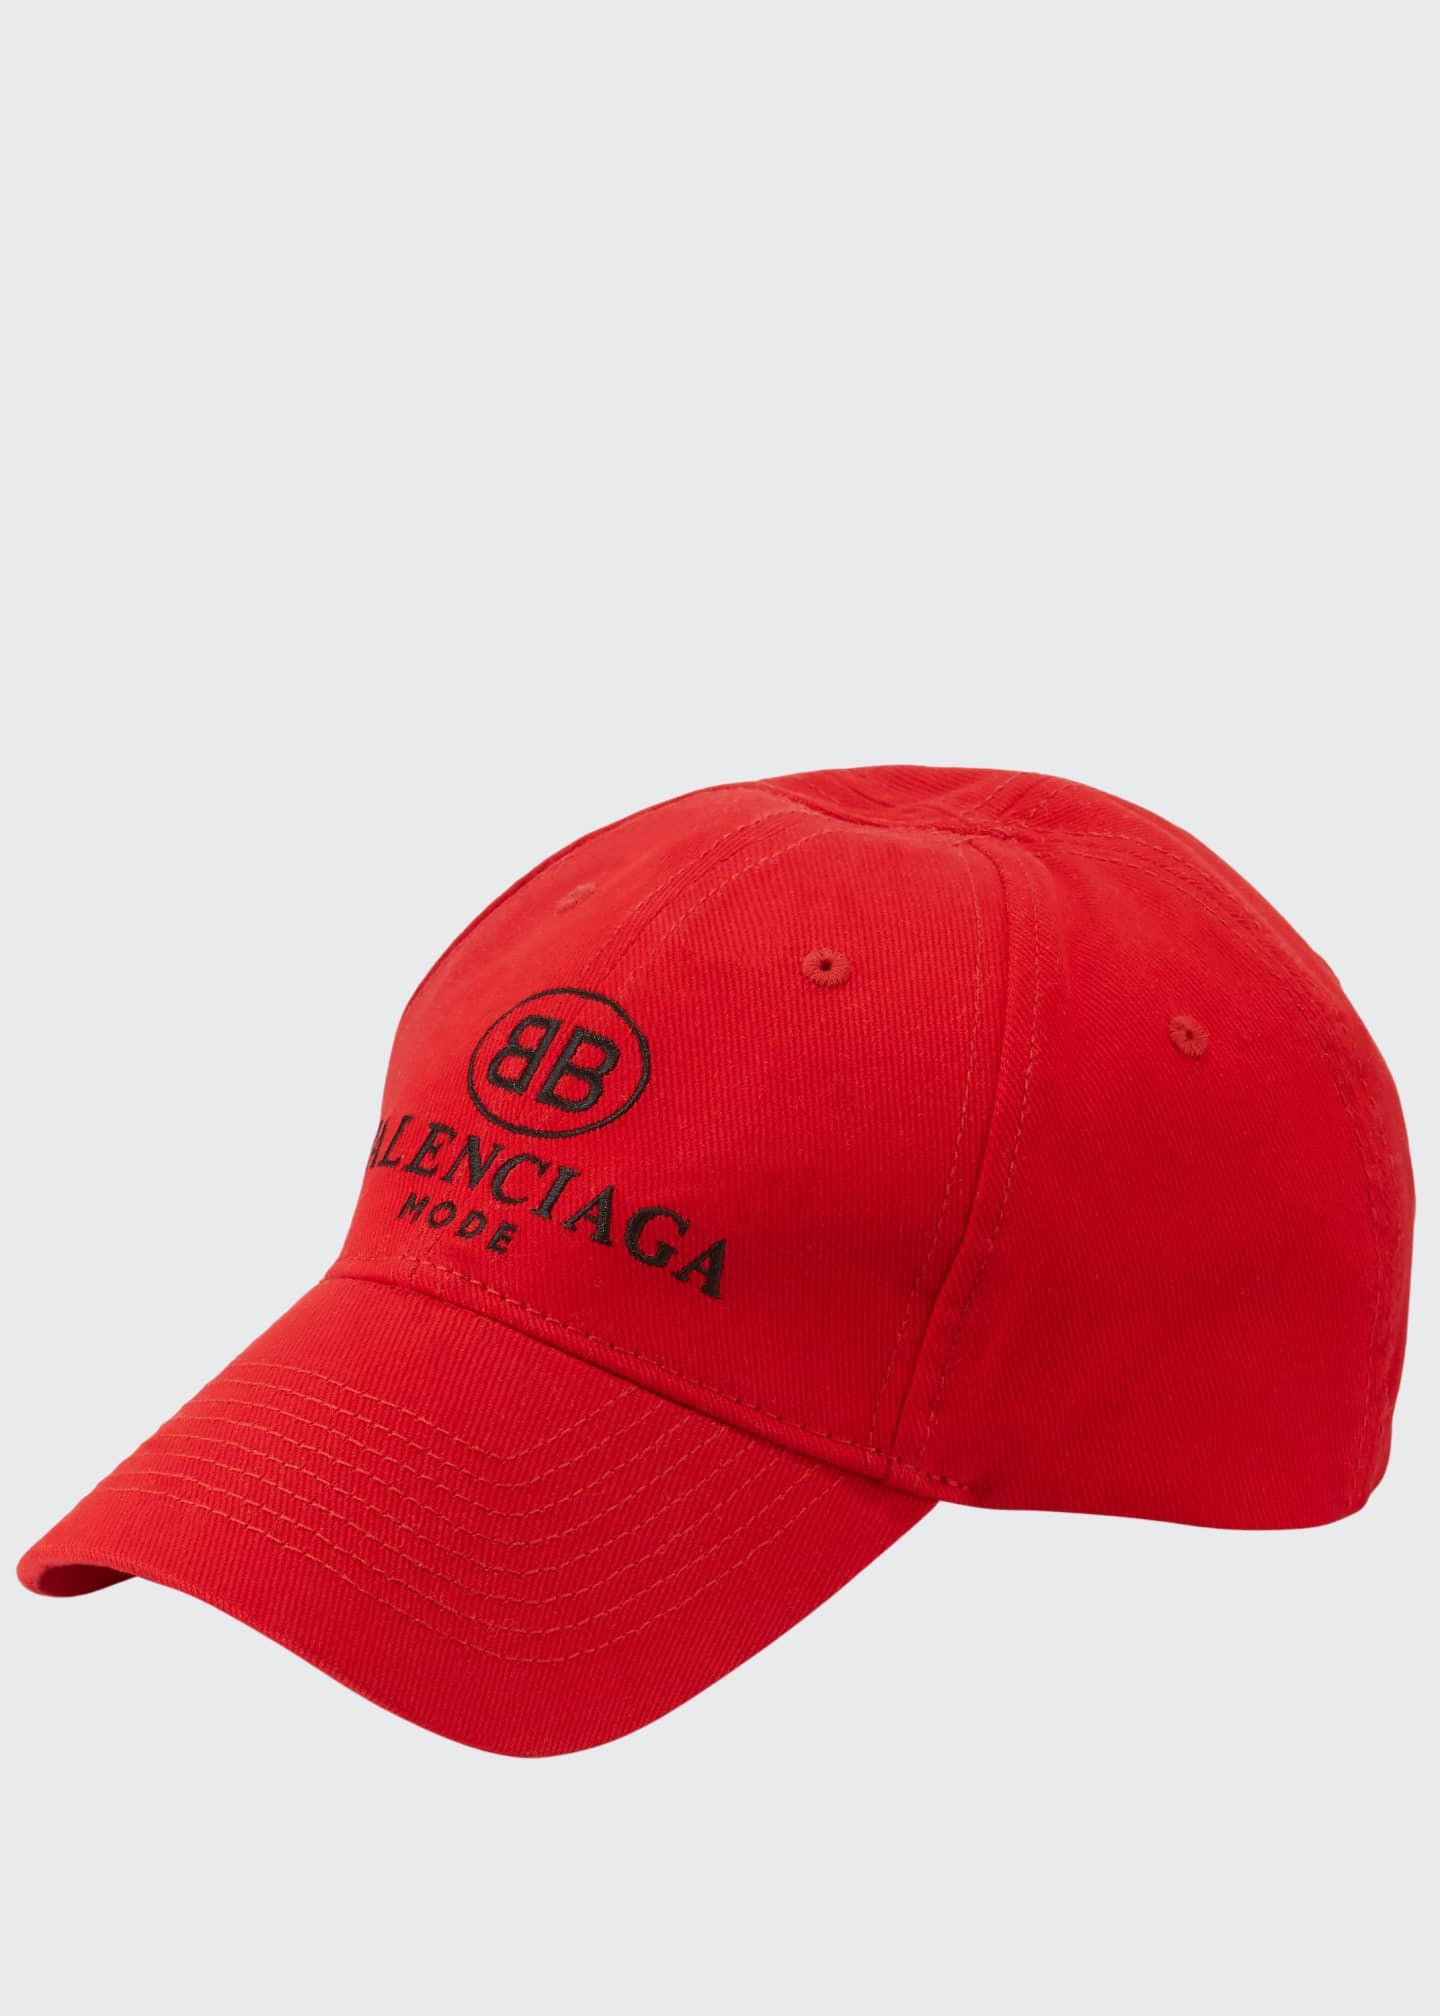 Balenciaga Men's Embroidered Logo Baseball Cap